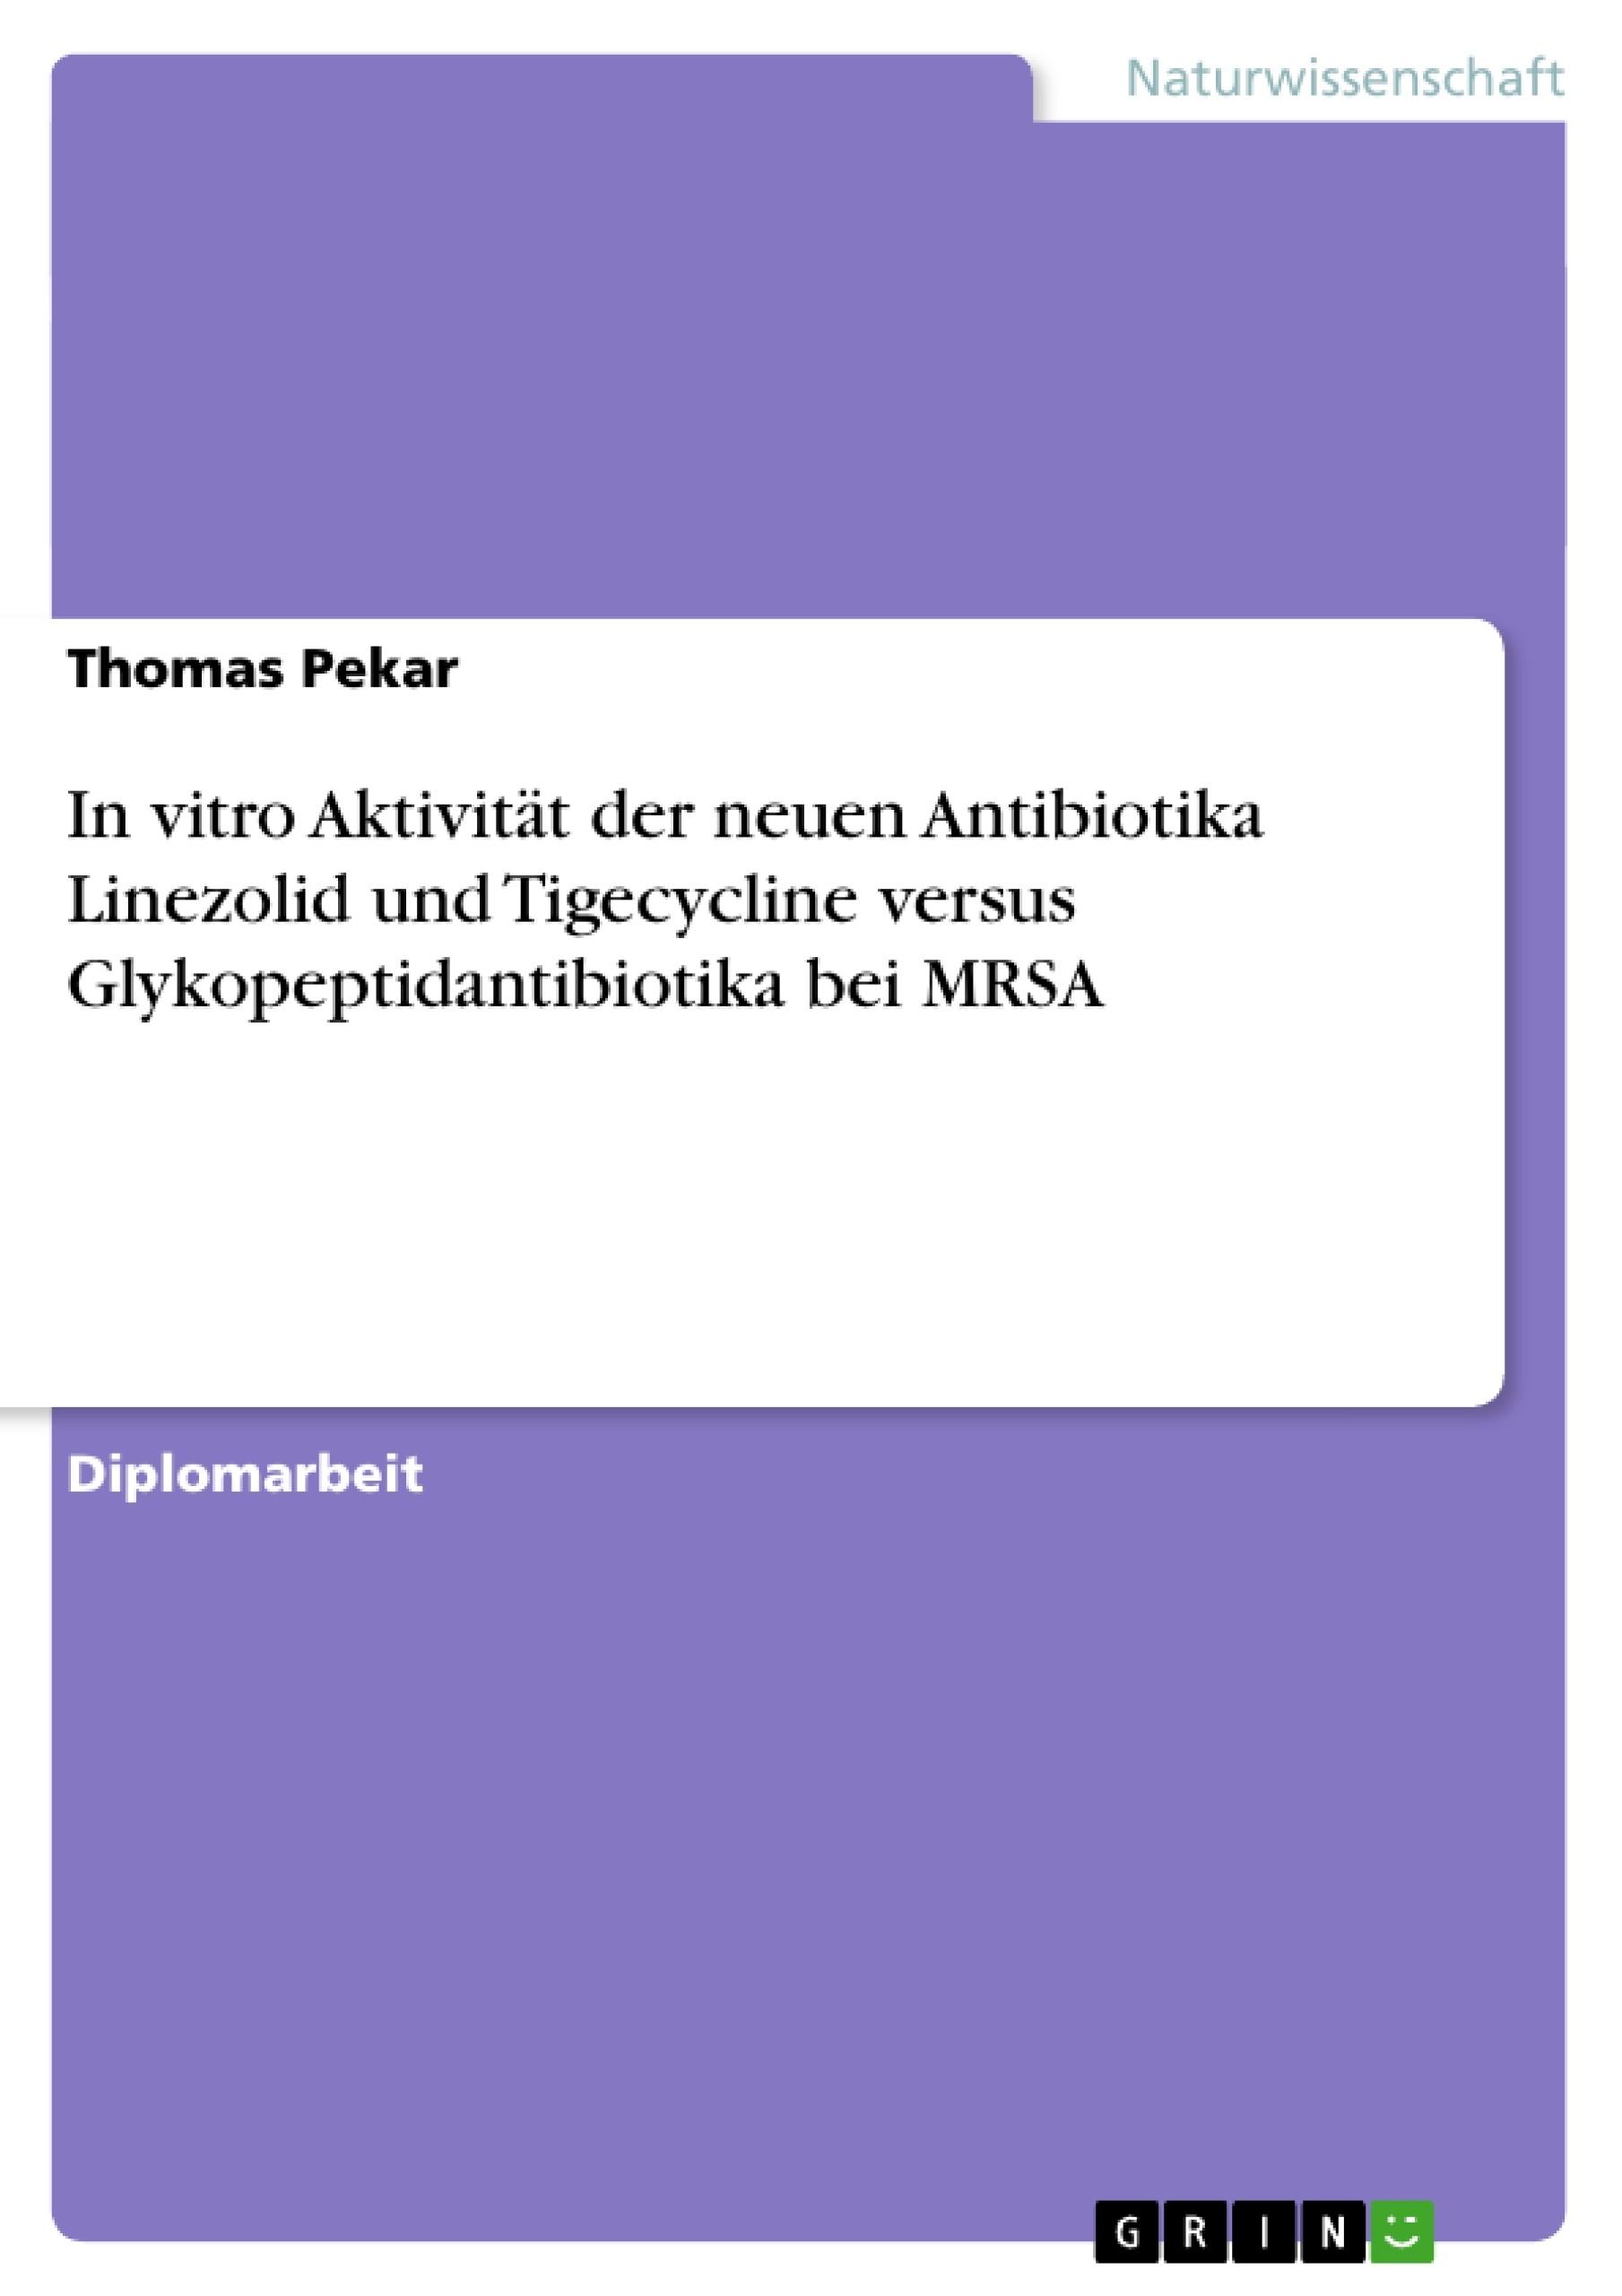 Titel: In vitro Aktivität der neuen Antibiotika Linezolid und Tigecycline versus Glykopeptidantibiotika bei MRSA